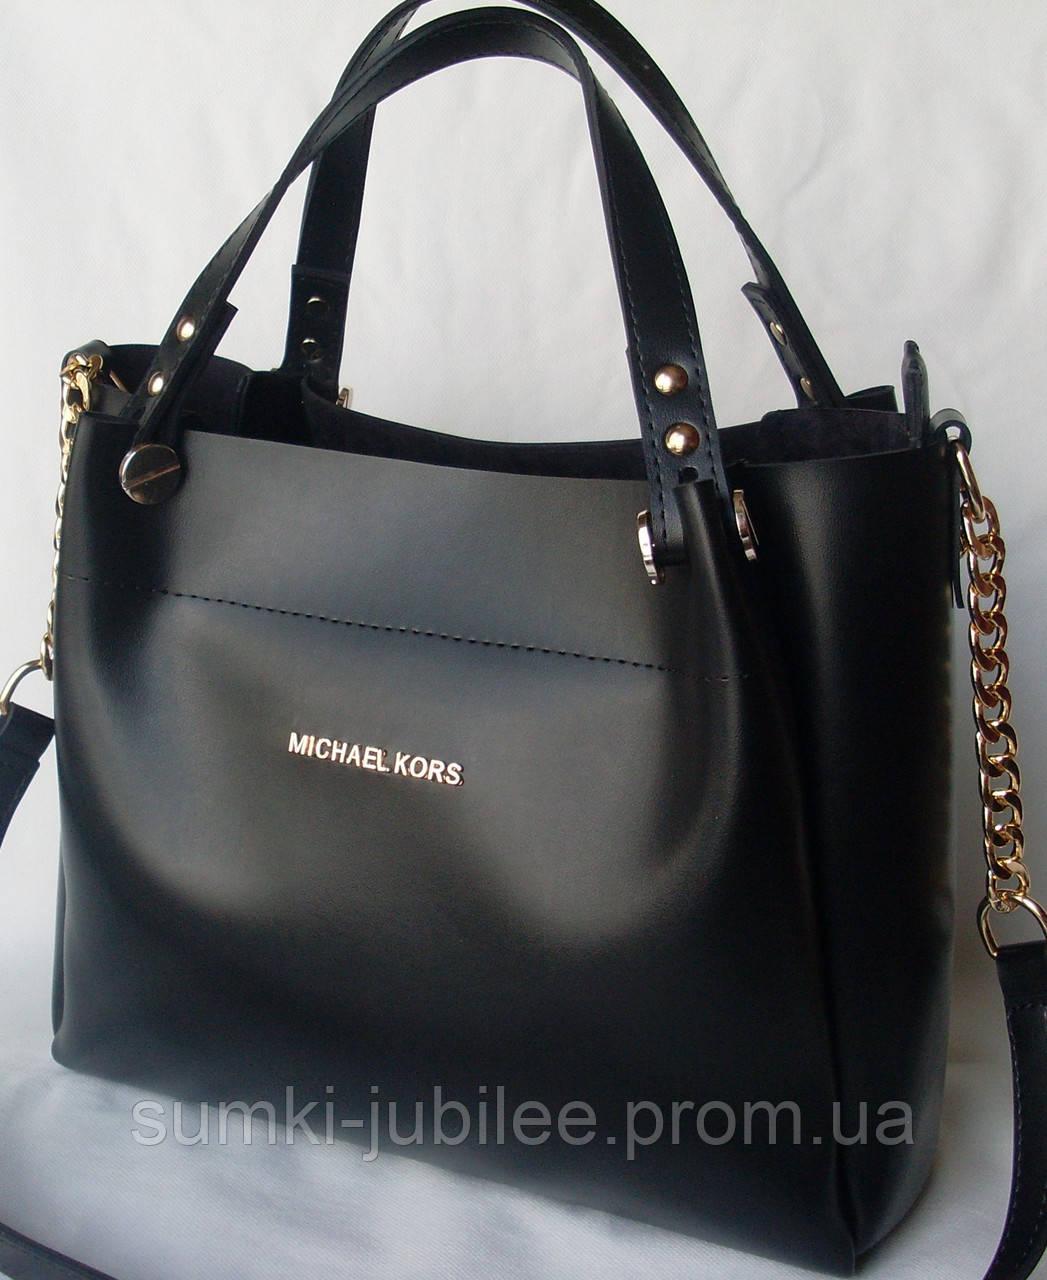 21c658a2317d Женская сумка Michael Kors черного цвета